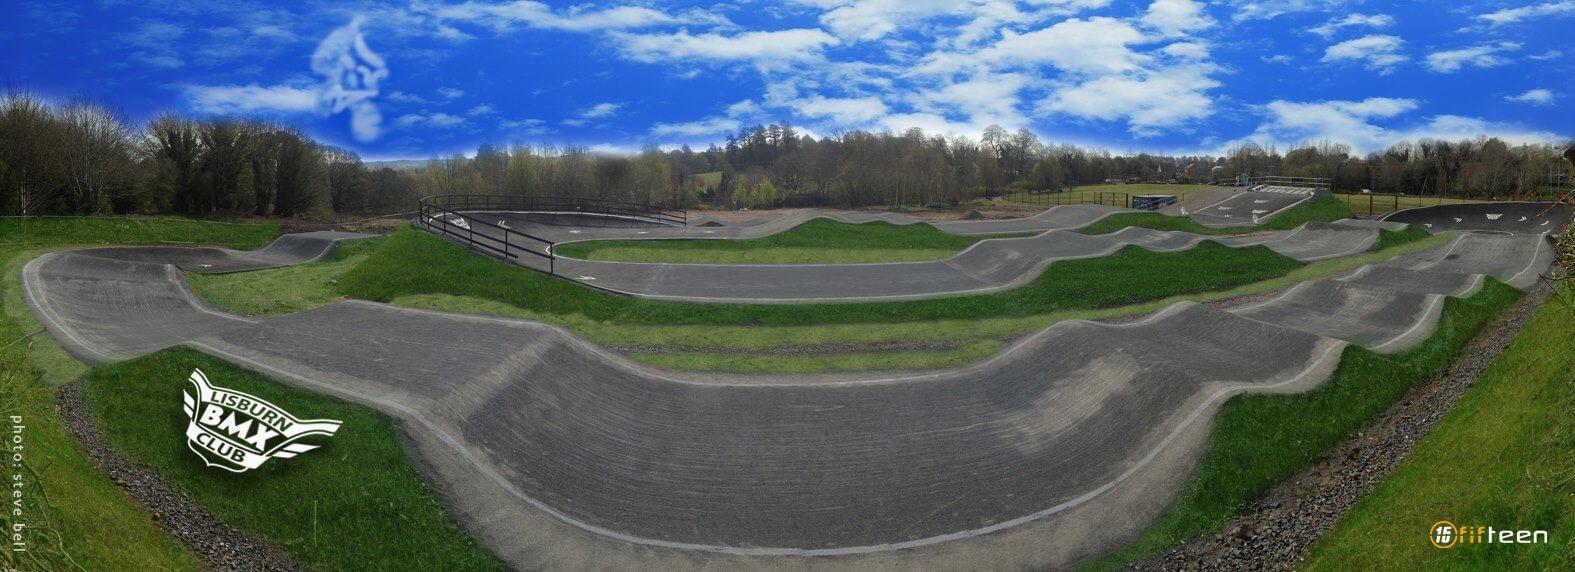 Lisburn BMX Track - Steve Bell & Fifteen